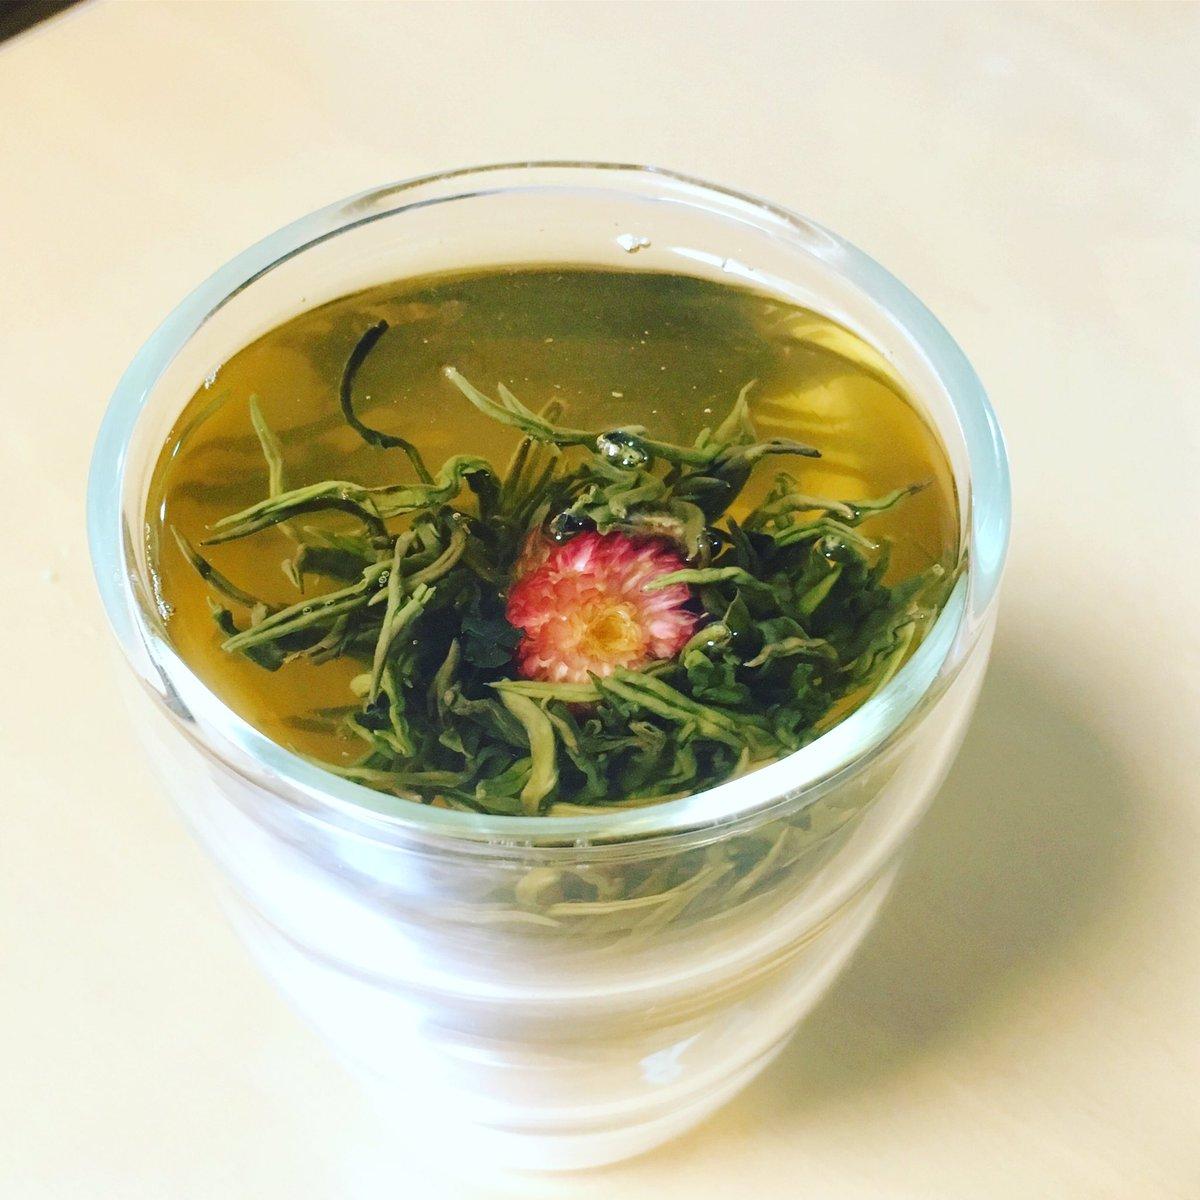 中華街で買ったジャスミン茶w淹れてみたらどう見てもモルボルwww